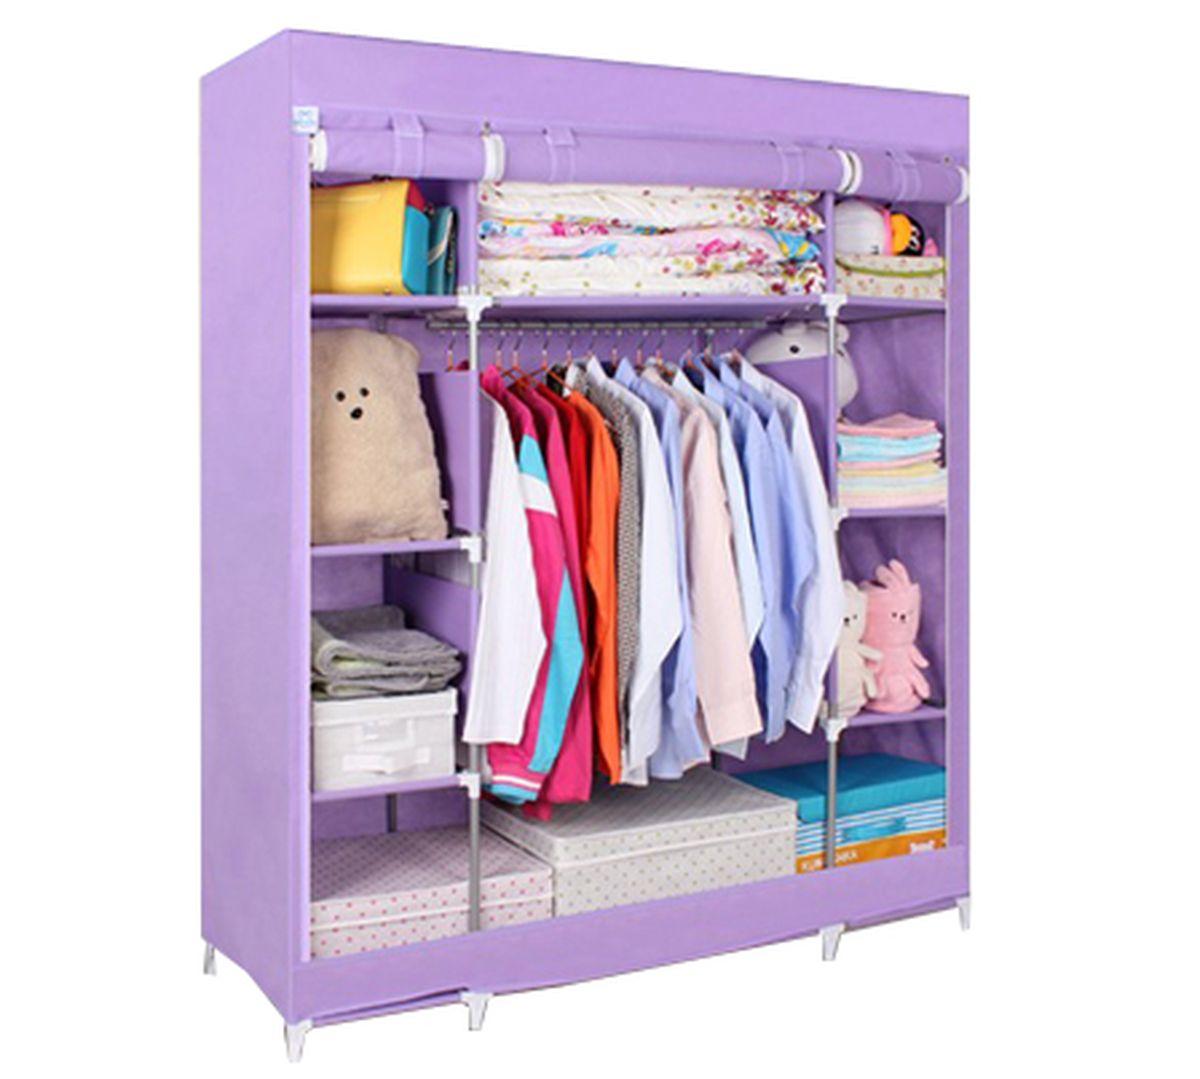 Шкаф Homsu Маджорити, цвет: фиолетовый, 140 x 50 x 175 см74-0060Шкаф Homsu Маджорити выполнен из текстиля. Сборная конструкция такого шкафа состоит из металлических деталей каркаса, обтянутых сверху прочной и легкой тканью. Этот шкаф предназначен в создании полноценного порядка. Изделие имеет 8 полок для складывания одежды 35 х 50 см и один большой 70 х 50 см отделениями, а также отделению для подвешивания одежды высотой 120 см и шириной 70 см. Кроме своей большой практичной пользы, данный мебельный предмет также сможет очень выгодно дополнить имеющийся интерьер в помещении. Верхняя тканевая обивка, при этом, всегда может быть легко и быстро снята, если ее необходимо будет постирать или заменить.